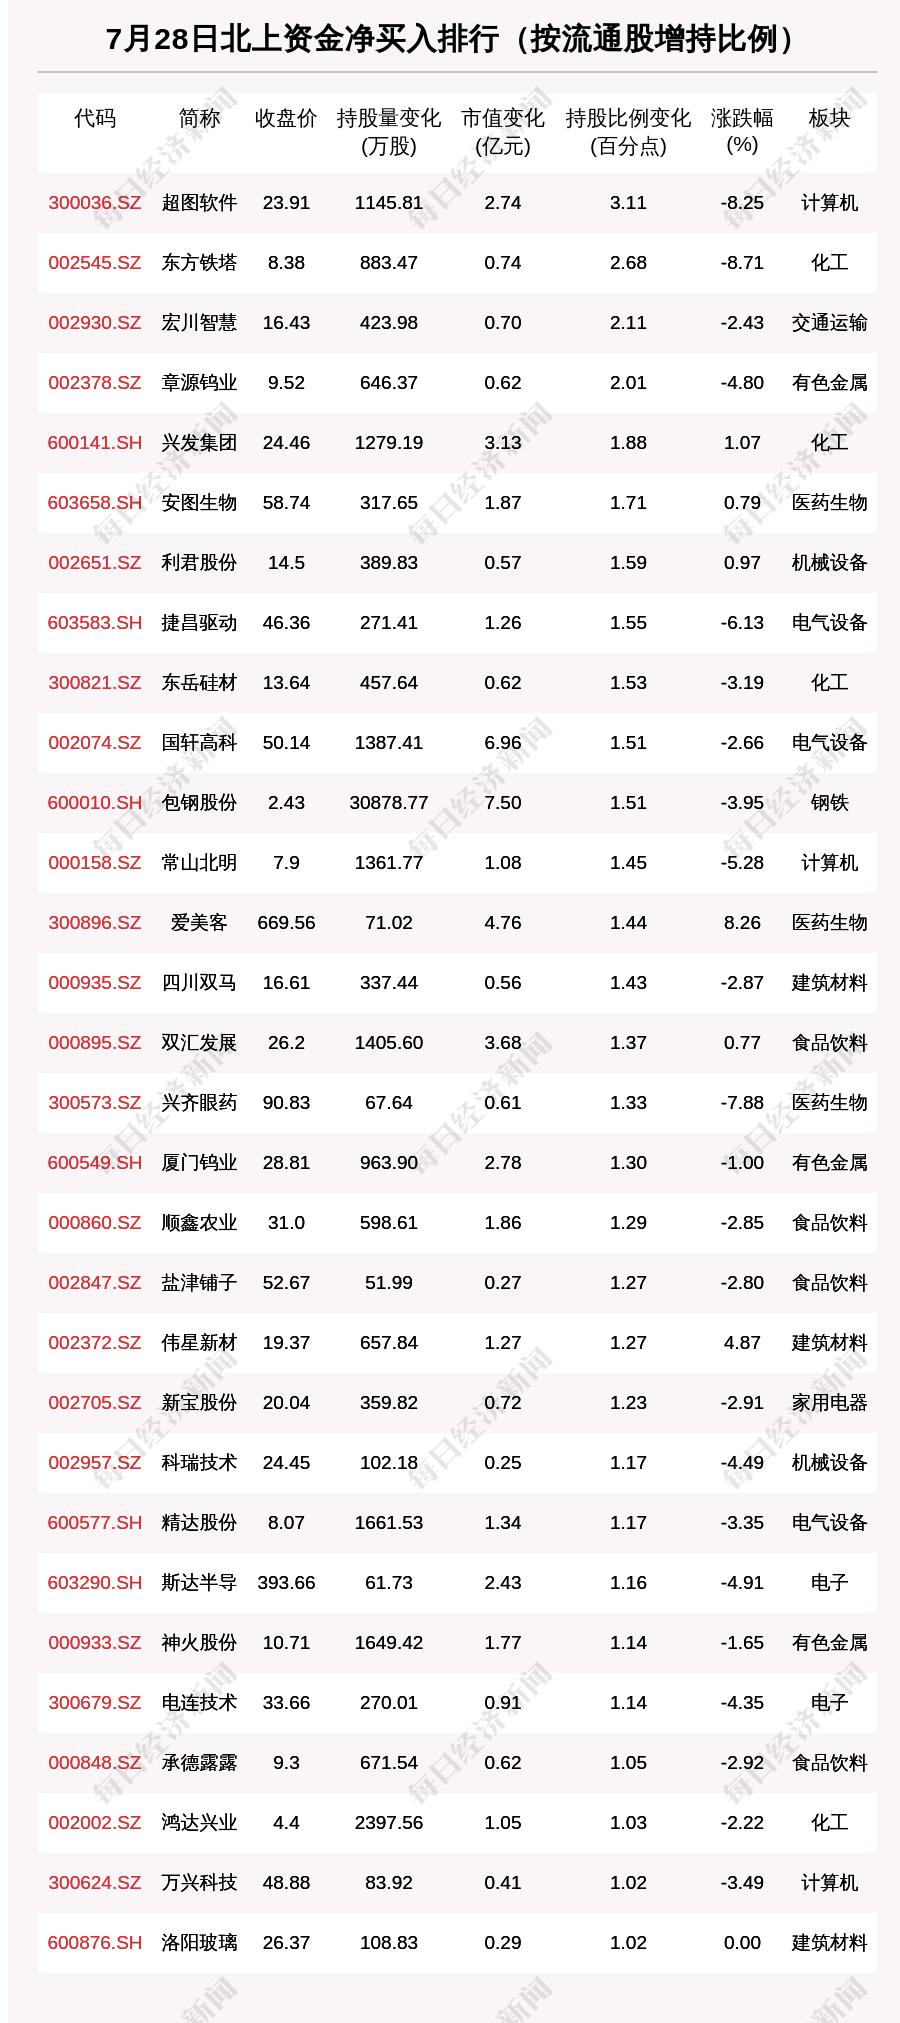 北向资金动向曝光:7月28日这30只个股被猛烈扫货(附名单)